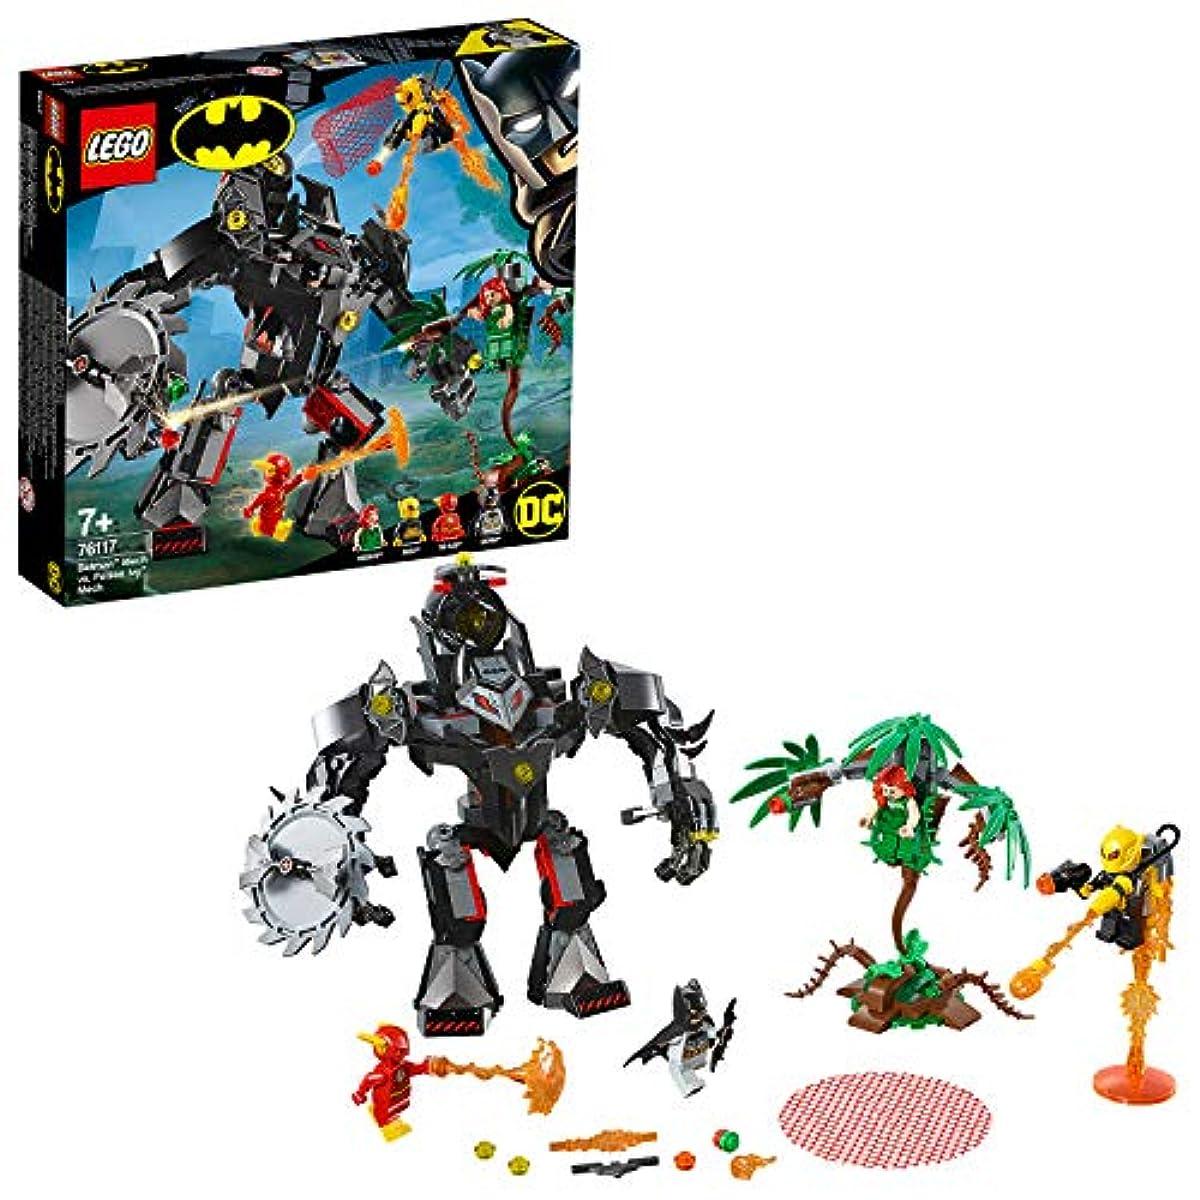 [해외] 레고(LEGO) 슈퍼히어로즈 배트맨(TM) 메카 VS.포이즌 아이비(TM) 메카 76117 블럭 장난감 사내 아이